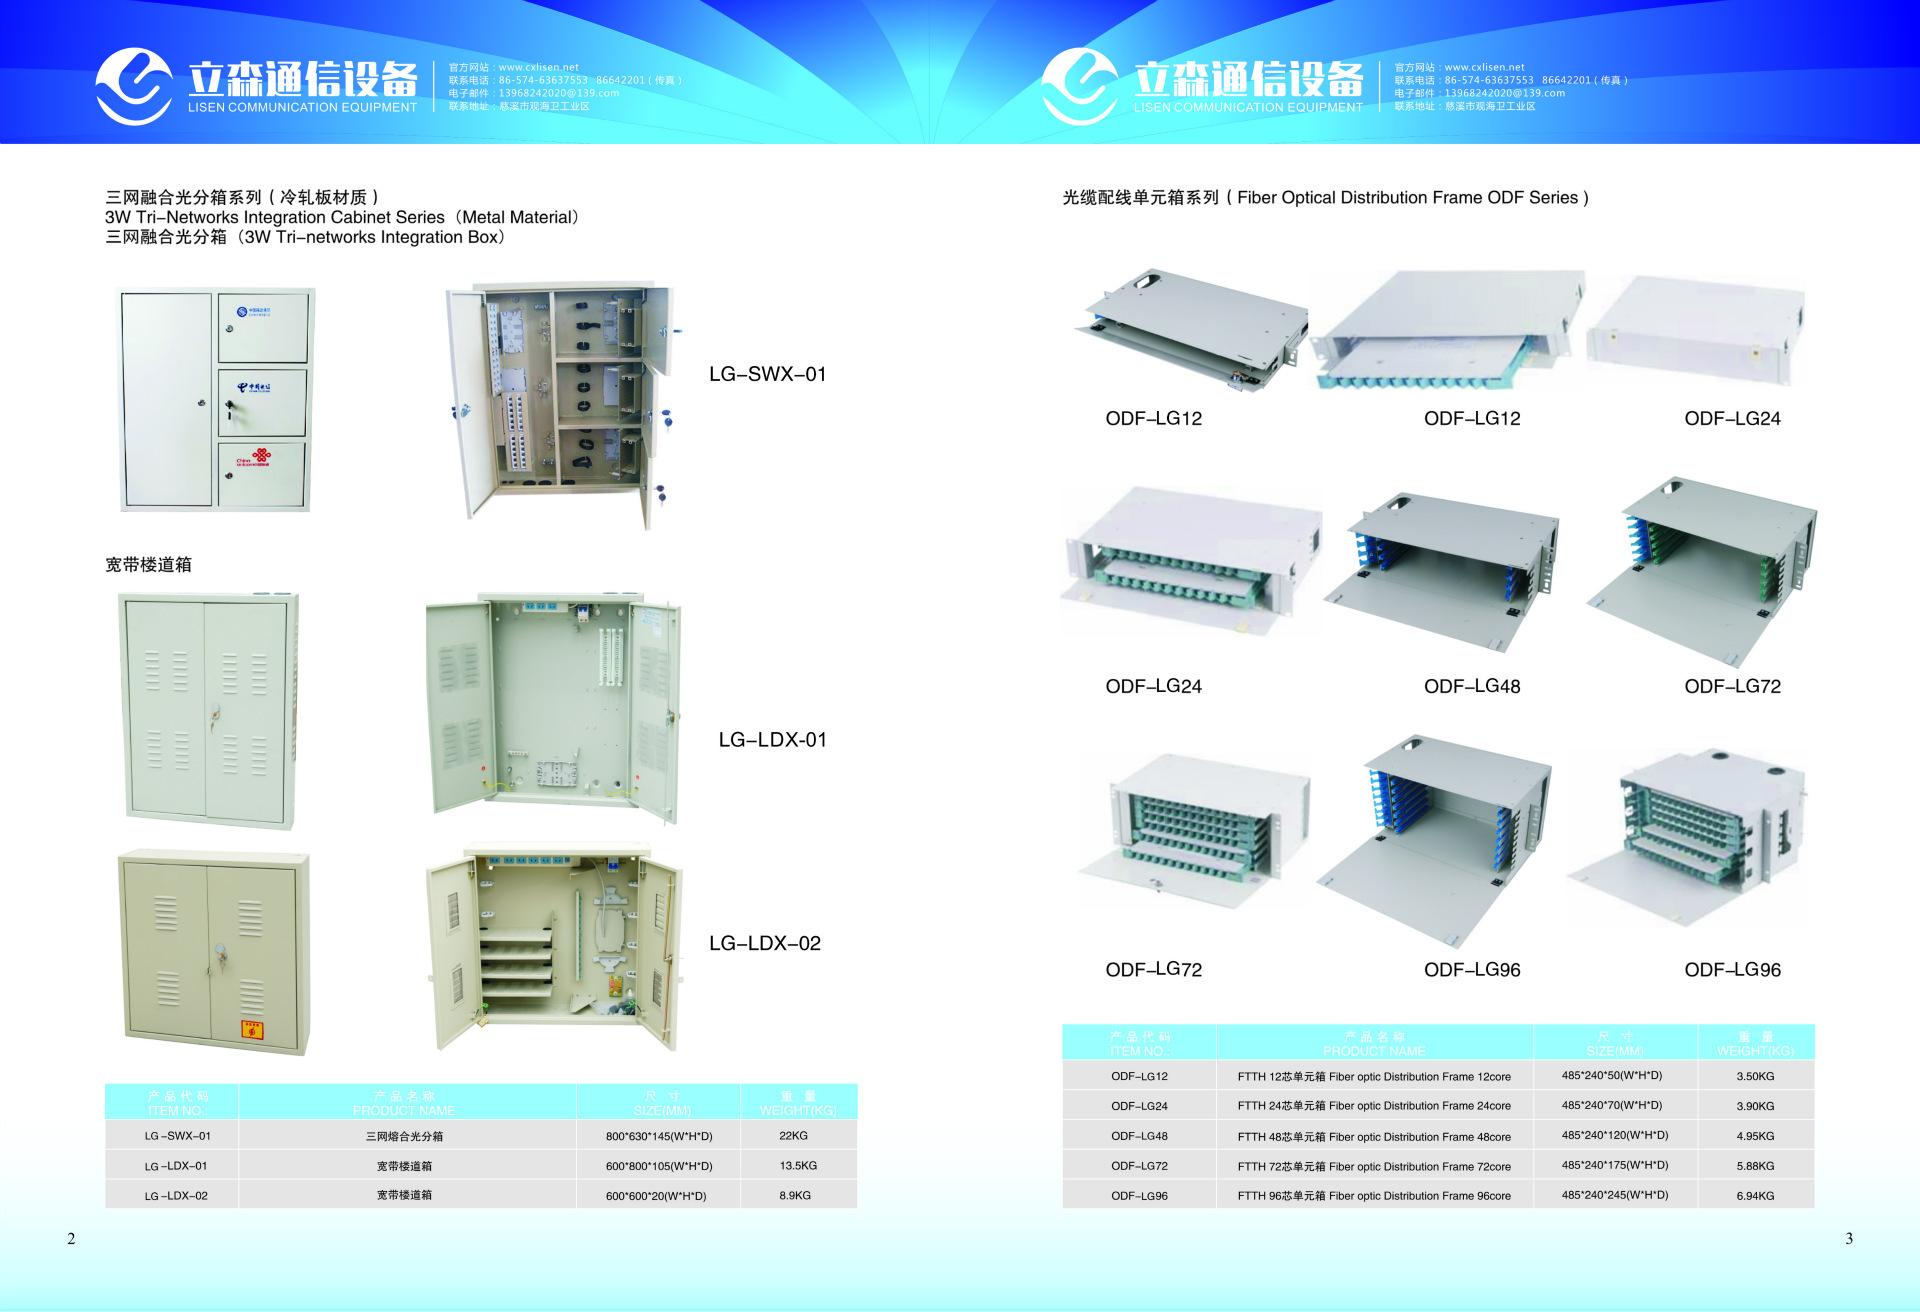 厂家供应SMC玻璃钢材质144芯288芯360芯光缆交接箱图片_6